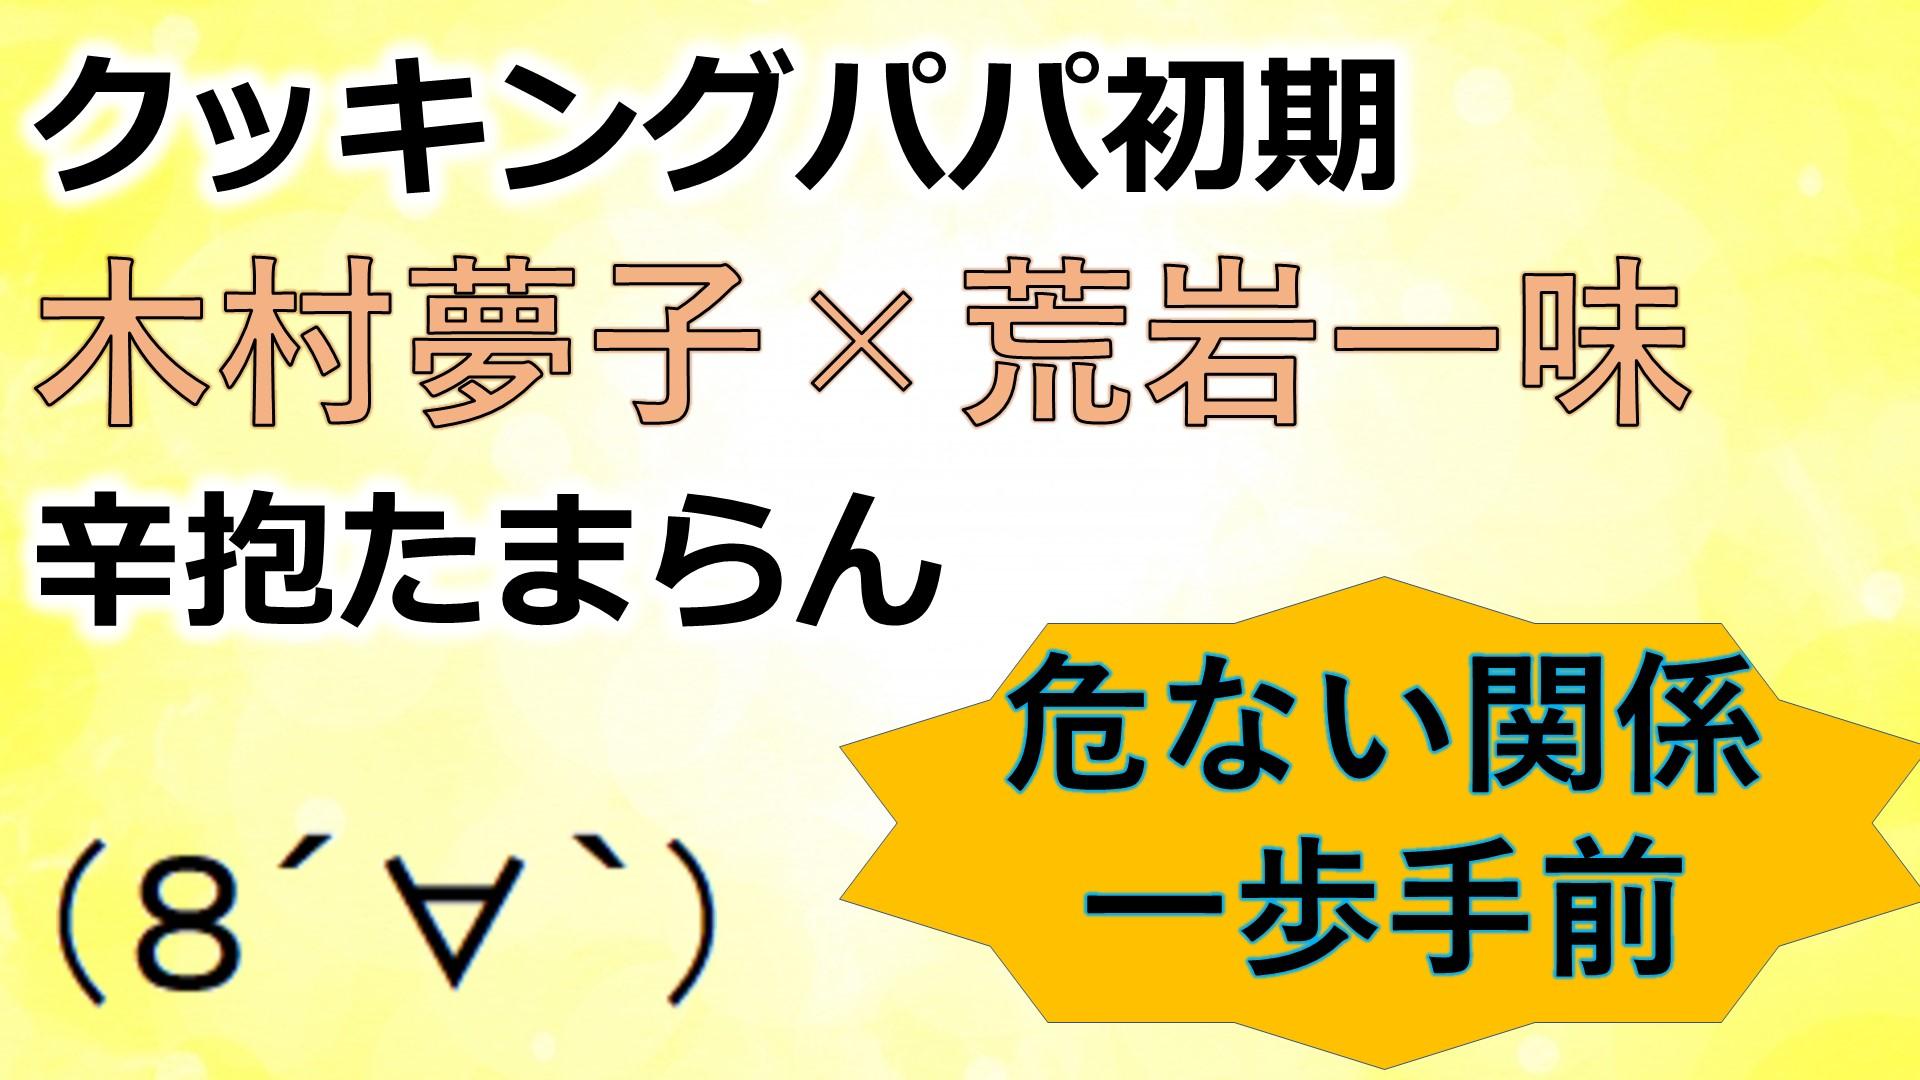 クッキングパパの初期木村夢子×荒岩一味記事のサムネイル